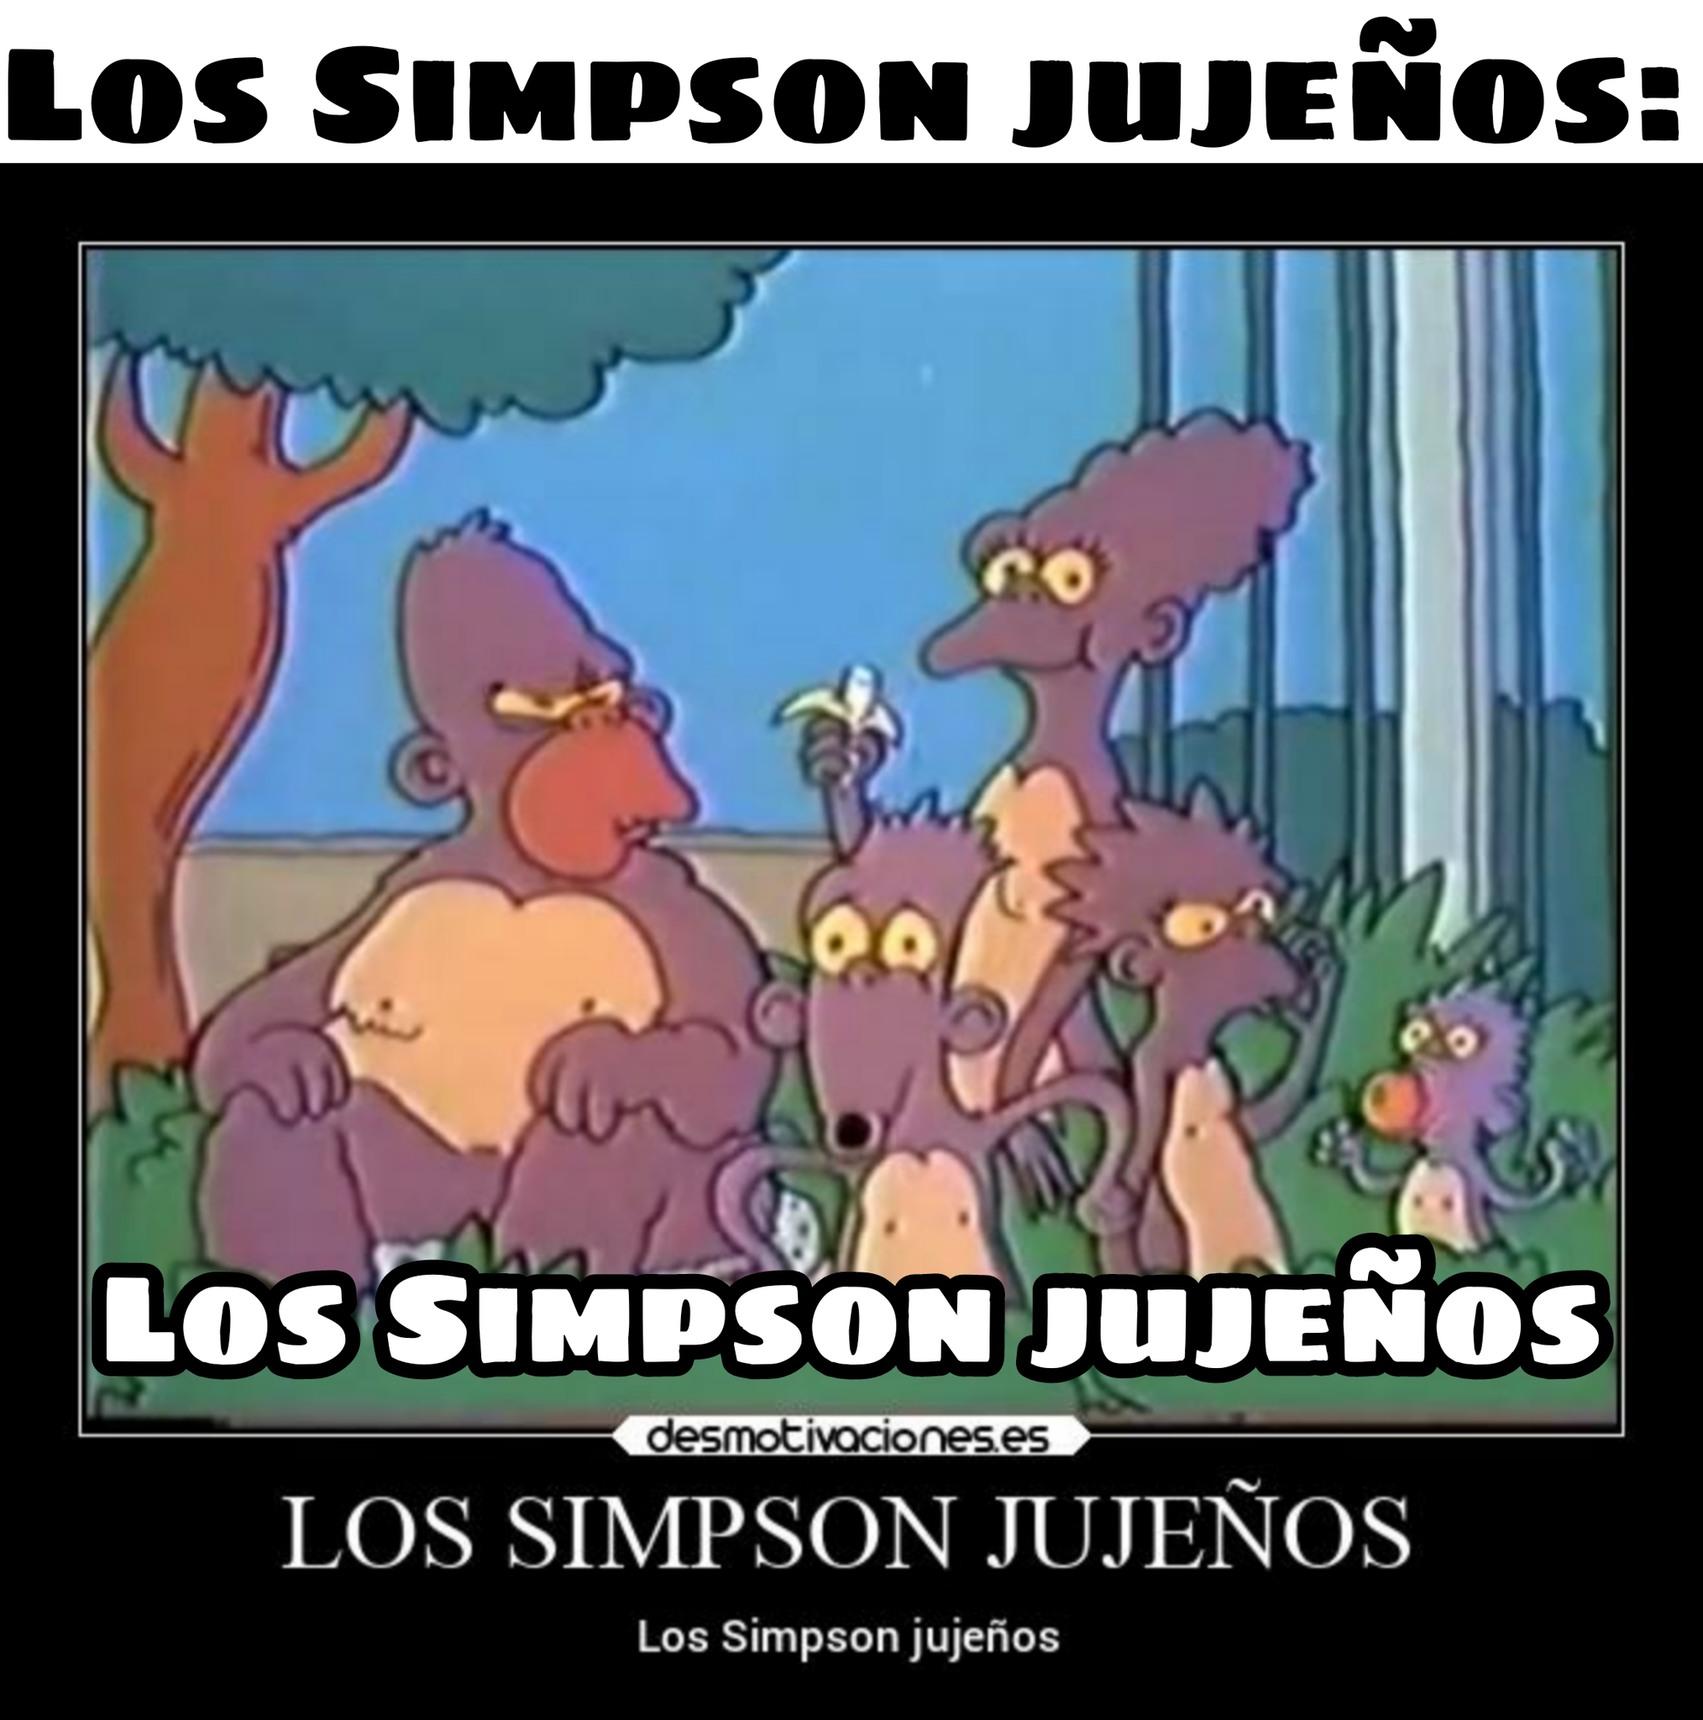 LOS SIMPSON JUJEÑOS - meme